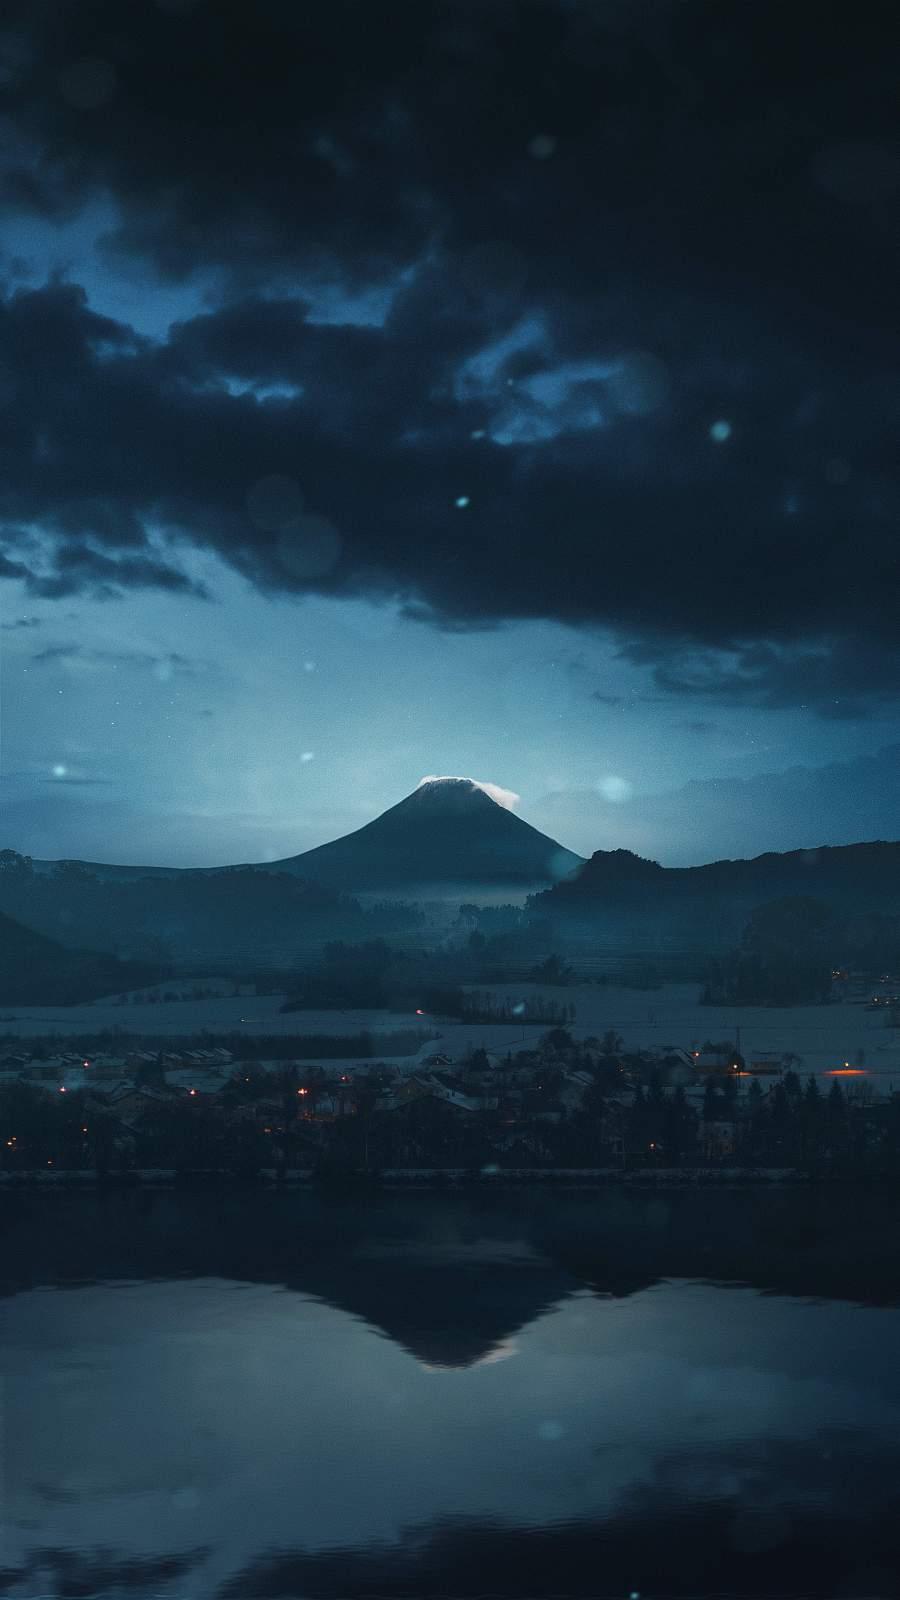 Sunset Mount Fuji